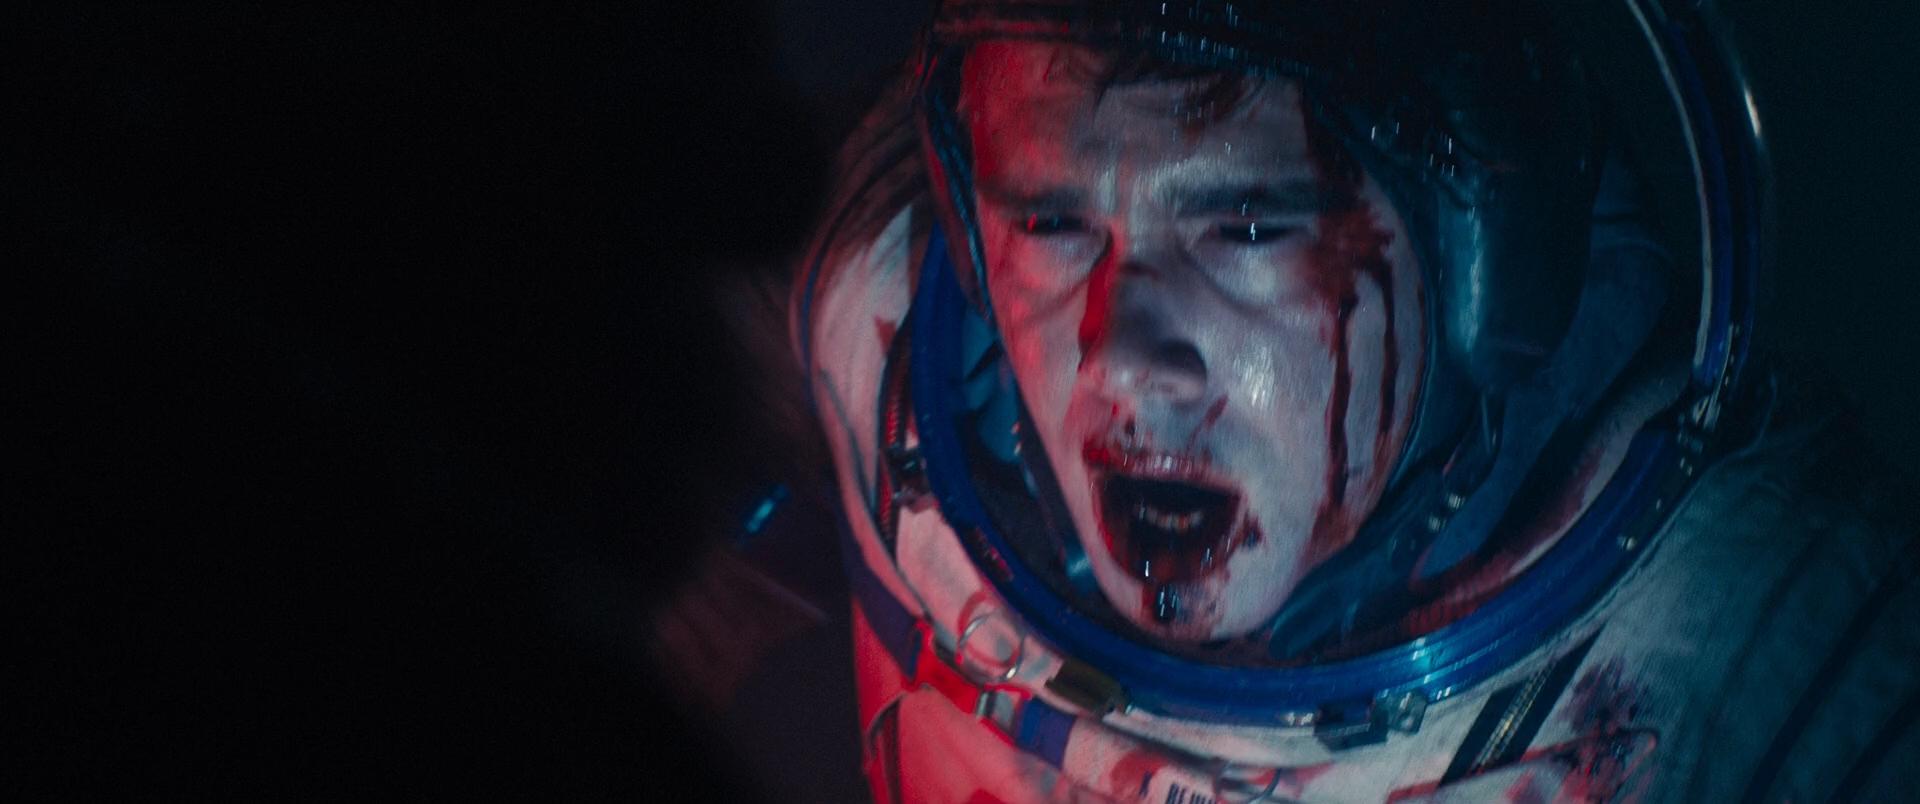 Sputnik: Extraño pasajero (2020) 1080p BRRip Latino